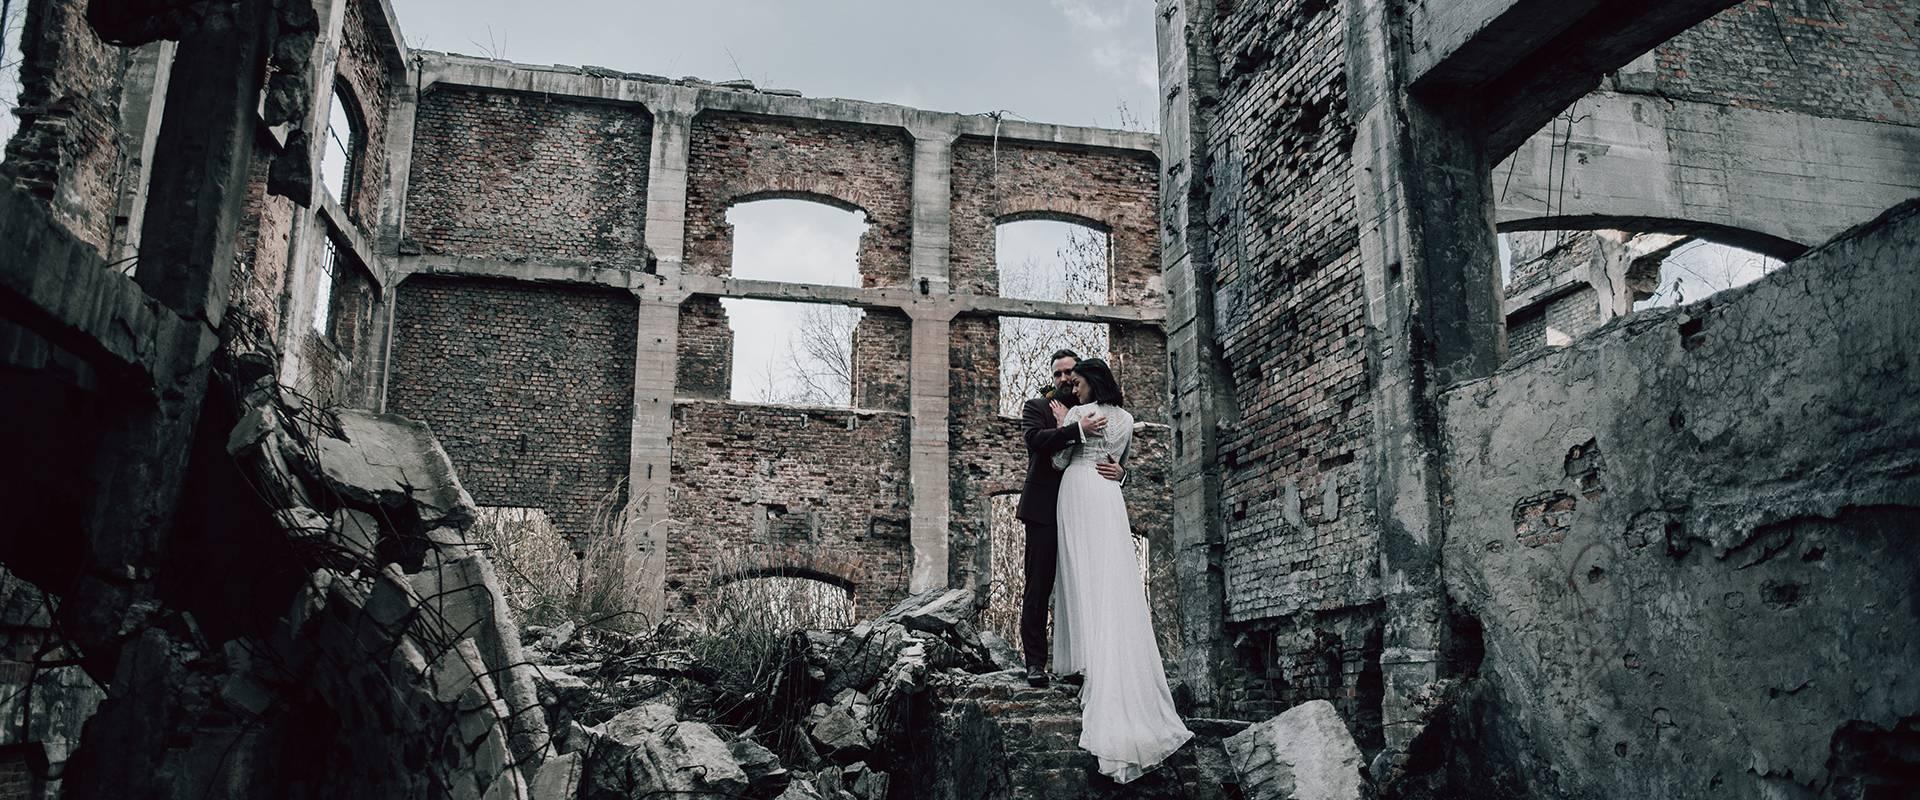 Karolina & Mateusz cementownia